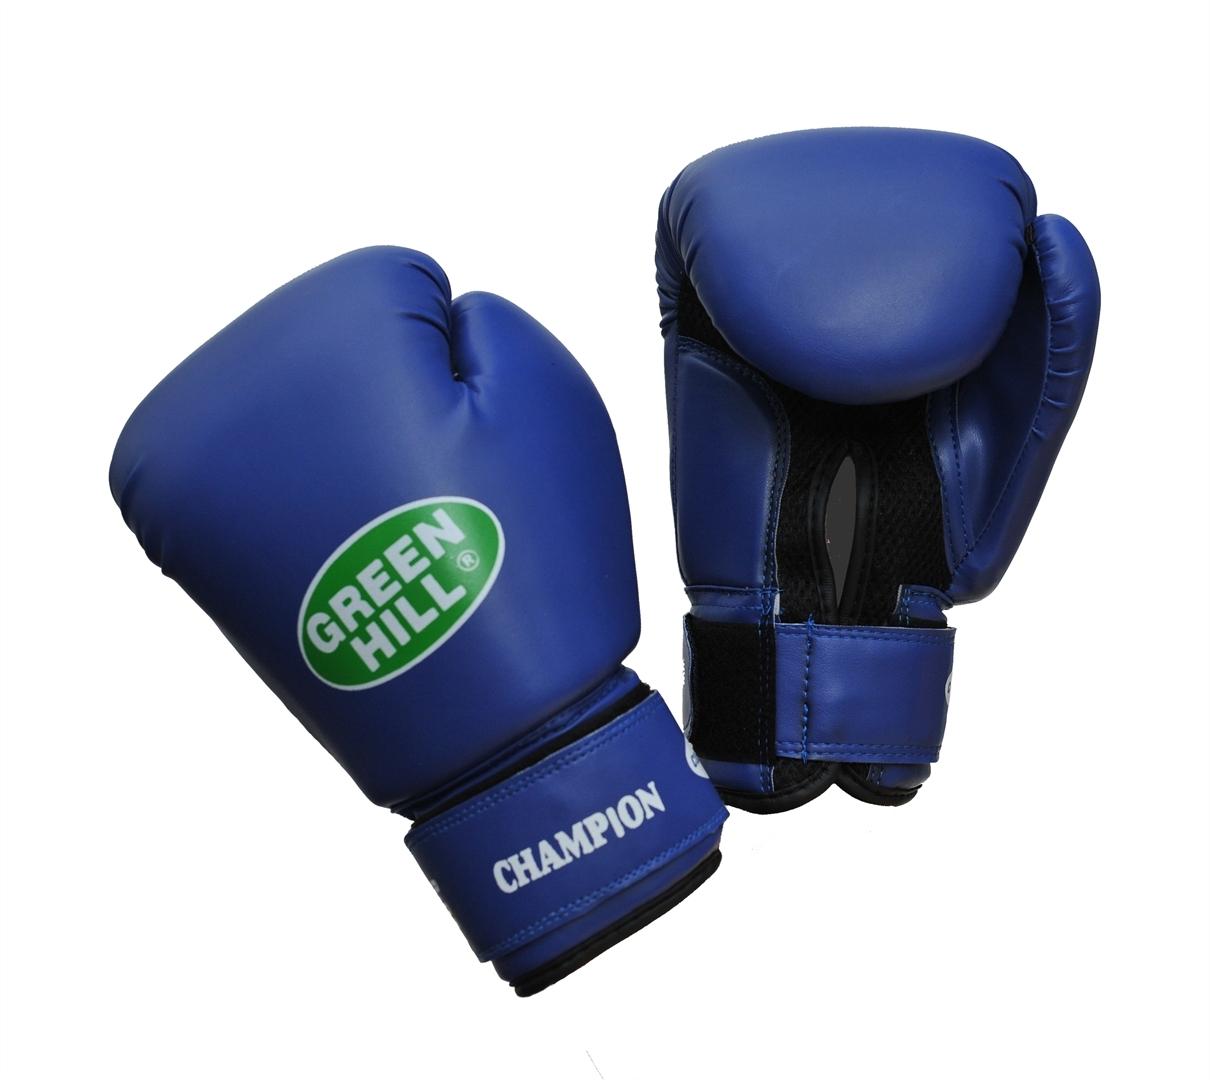 Перчатки боксерские Green Hill Champion, цвет: синий. Вес 12 унцийBGC-2040bБоксерские перчатки Green Hill Champion предназначены для тренировок и соревнований. Верх выполнен из синтетической кожи, наполнитель - из пенополиуретана. Вставка из прочной замшевой сетки в области ладони позволяет создать максимально комфортный терморежим во время занятий. Перчатка хорошо проветривается благодаря системе воздухообмена. Широкий ремень, охватывая запястье, полностью оборачивается вокруг манжеты, благодаря чему создается дополнительная защита лучезапястного сустава от травмирования. Застежка на липучке способствует быстрому и удобному одеванию перчаток, плотно фиксирует перчатки на руке.